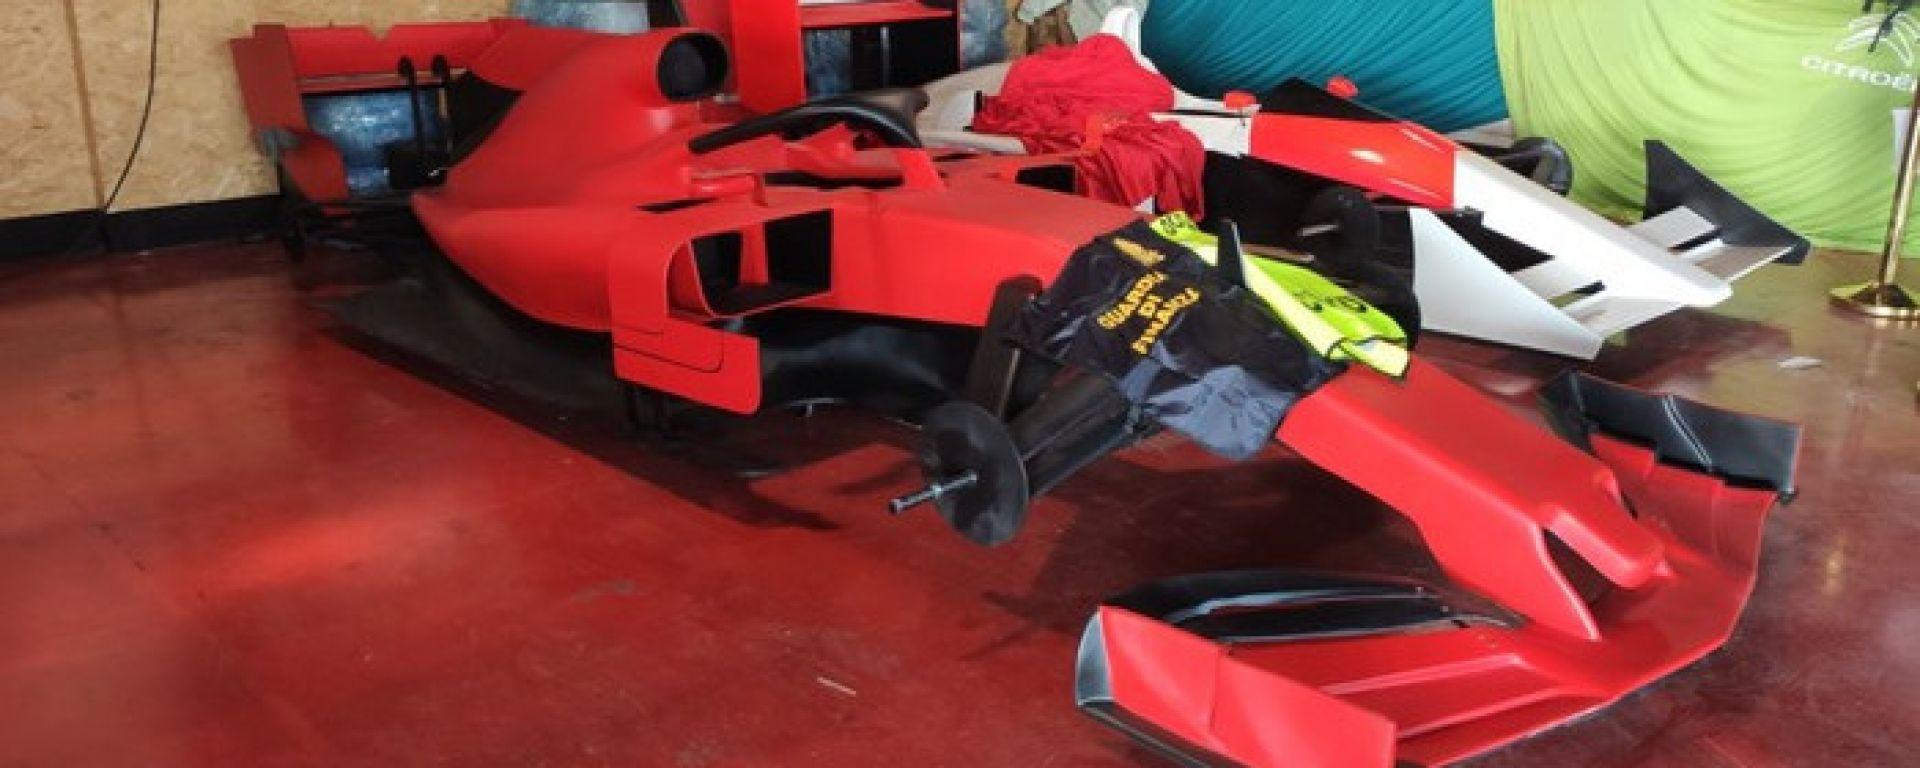 La riproduzione della Ferrari SF90 sequestrata nel porto di La Spezia